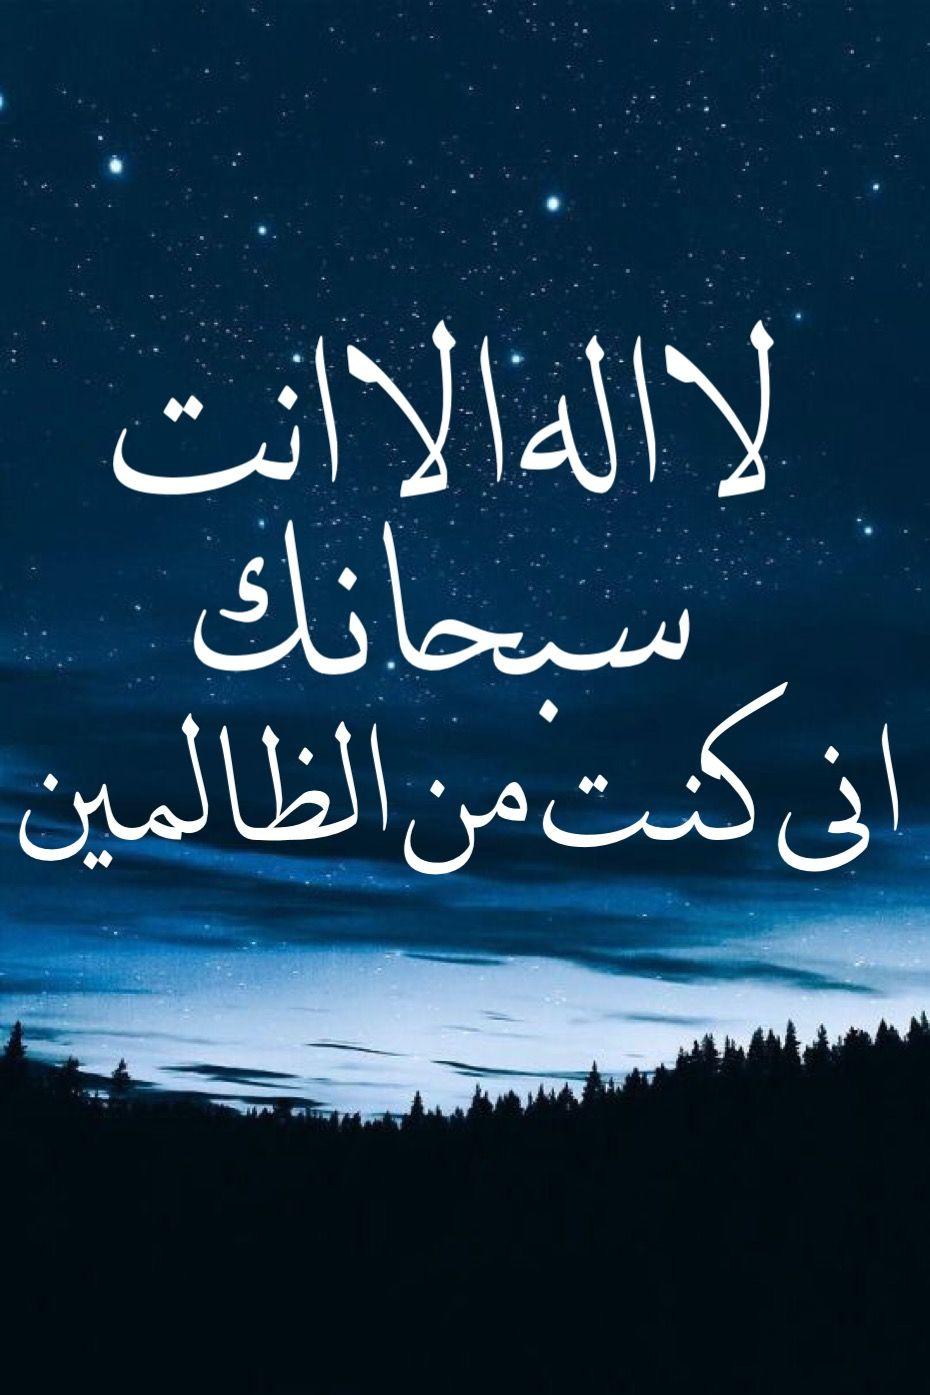 Pin By Hend Abd El Ghaffar On Islamic Quran Quotes Verses